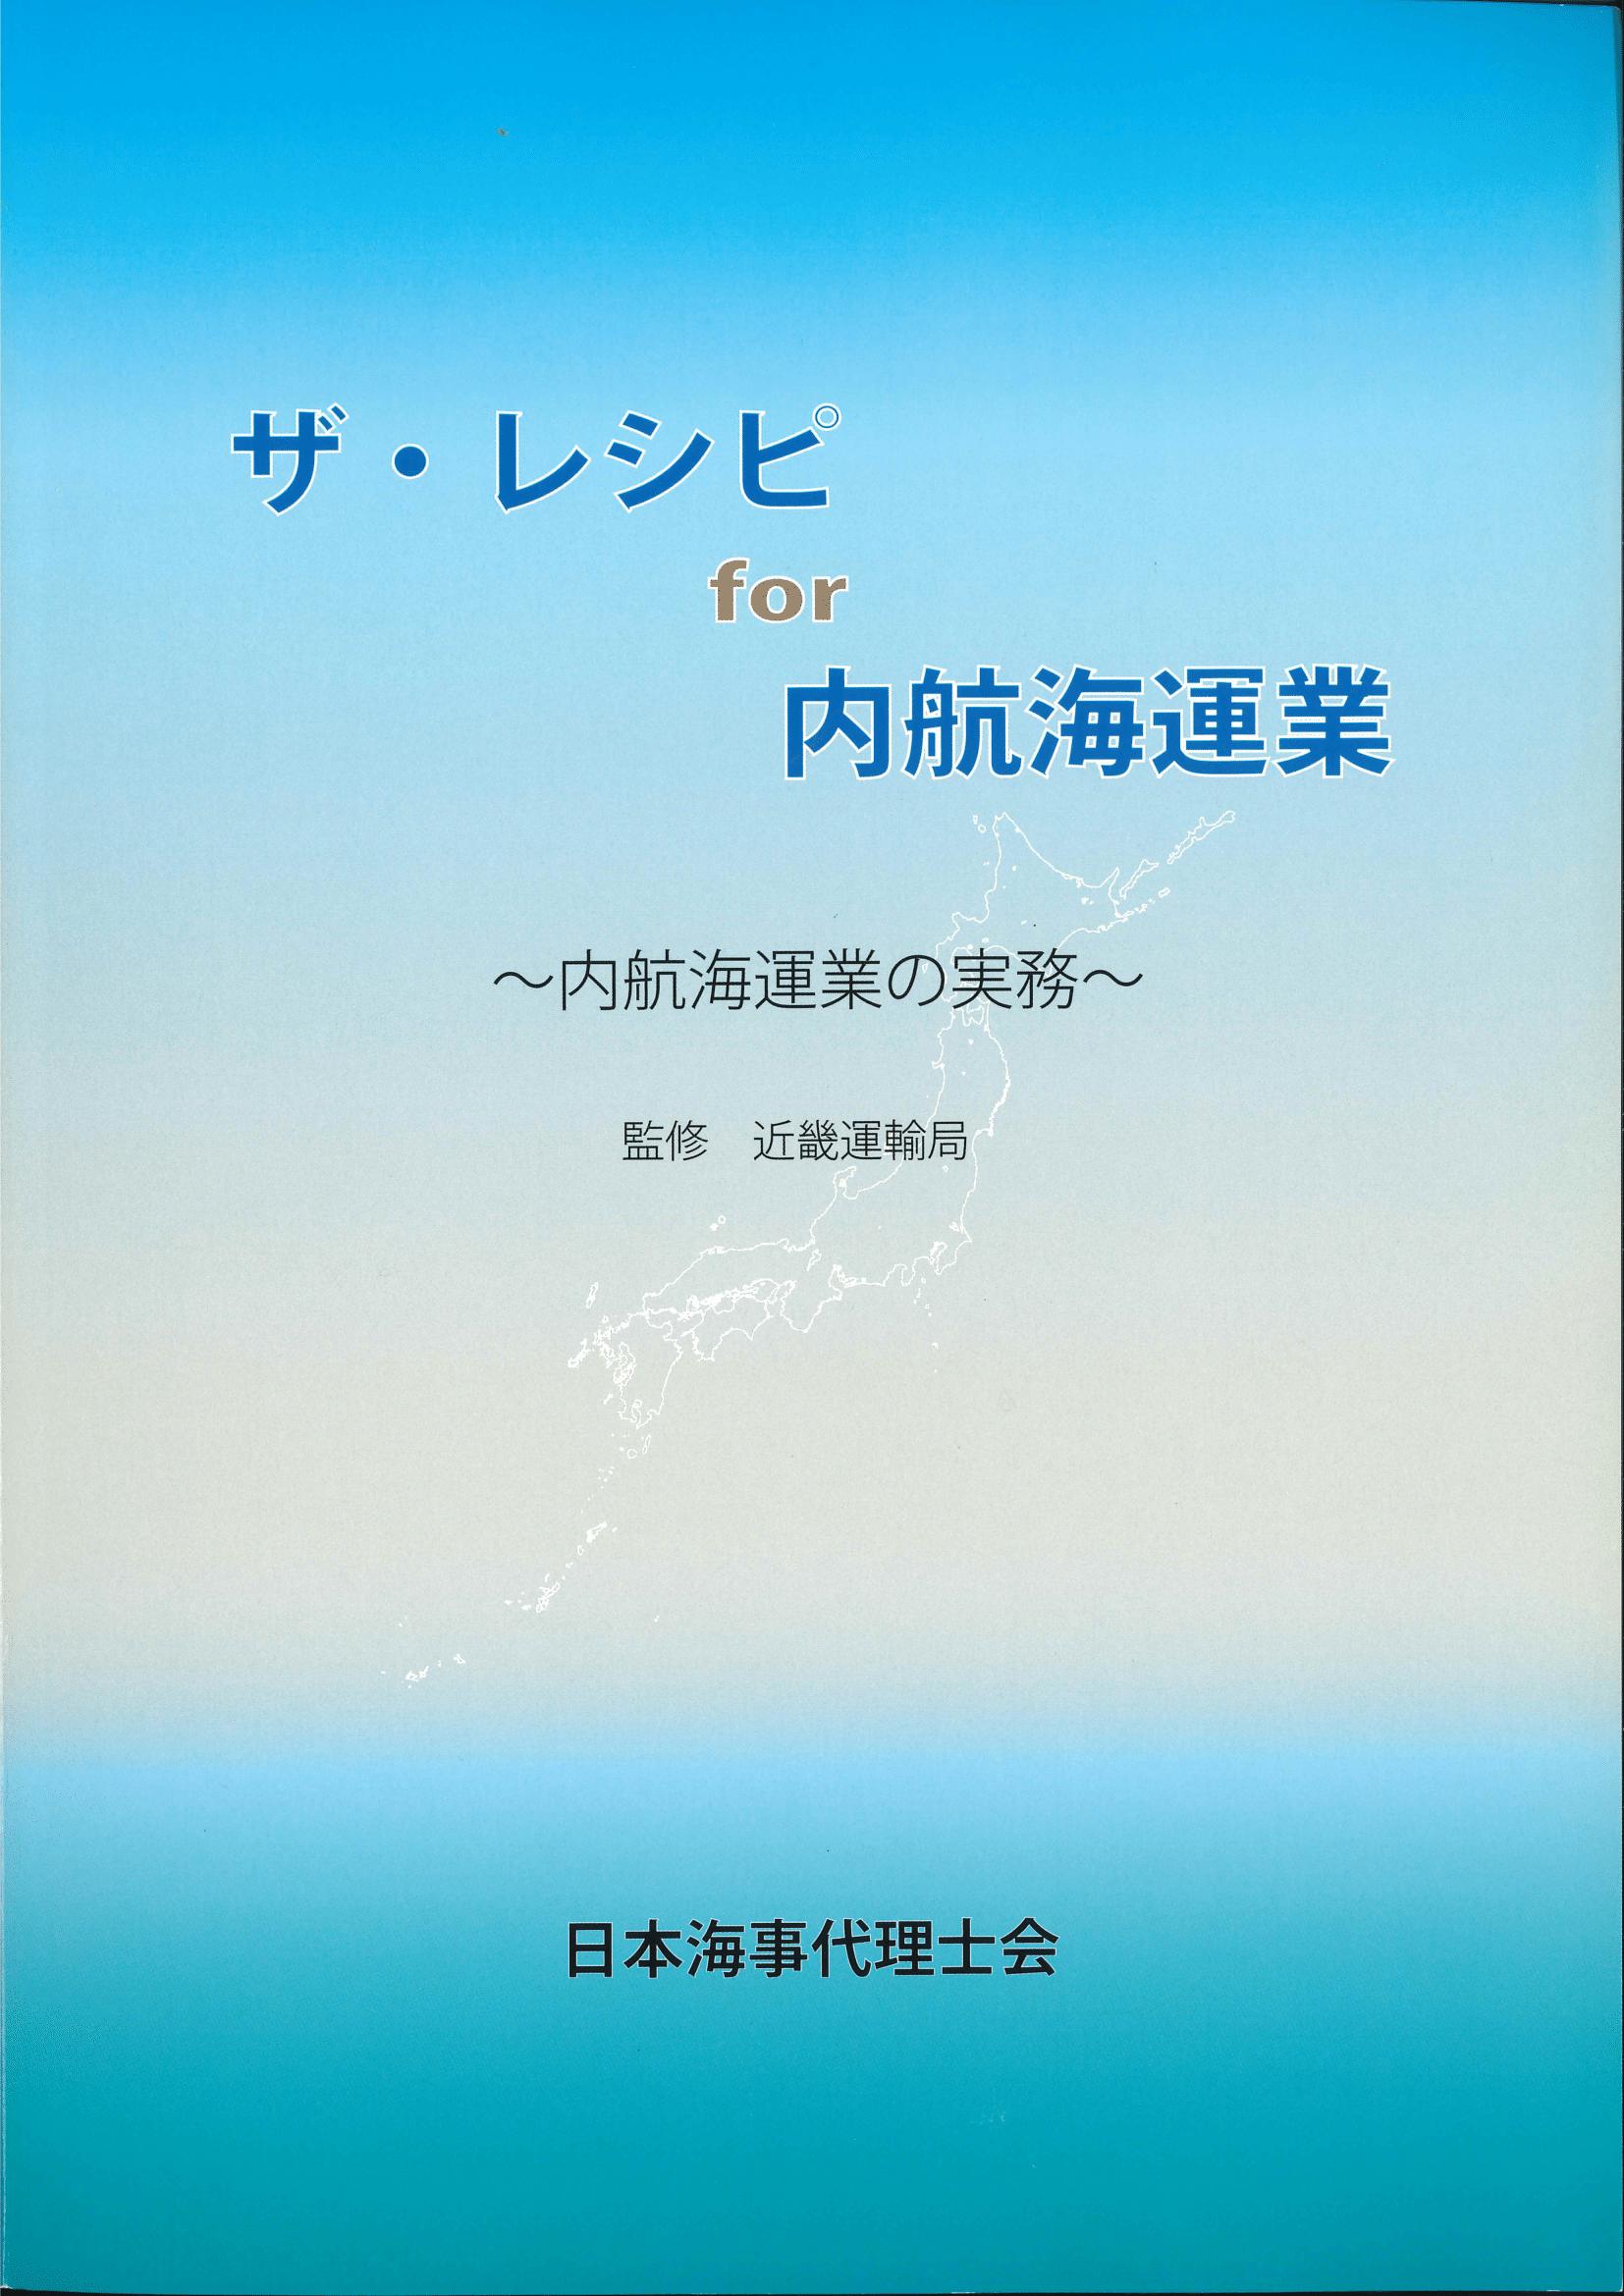 ザ・レシピfor内航海運業(平成24年3月発行)